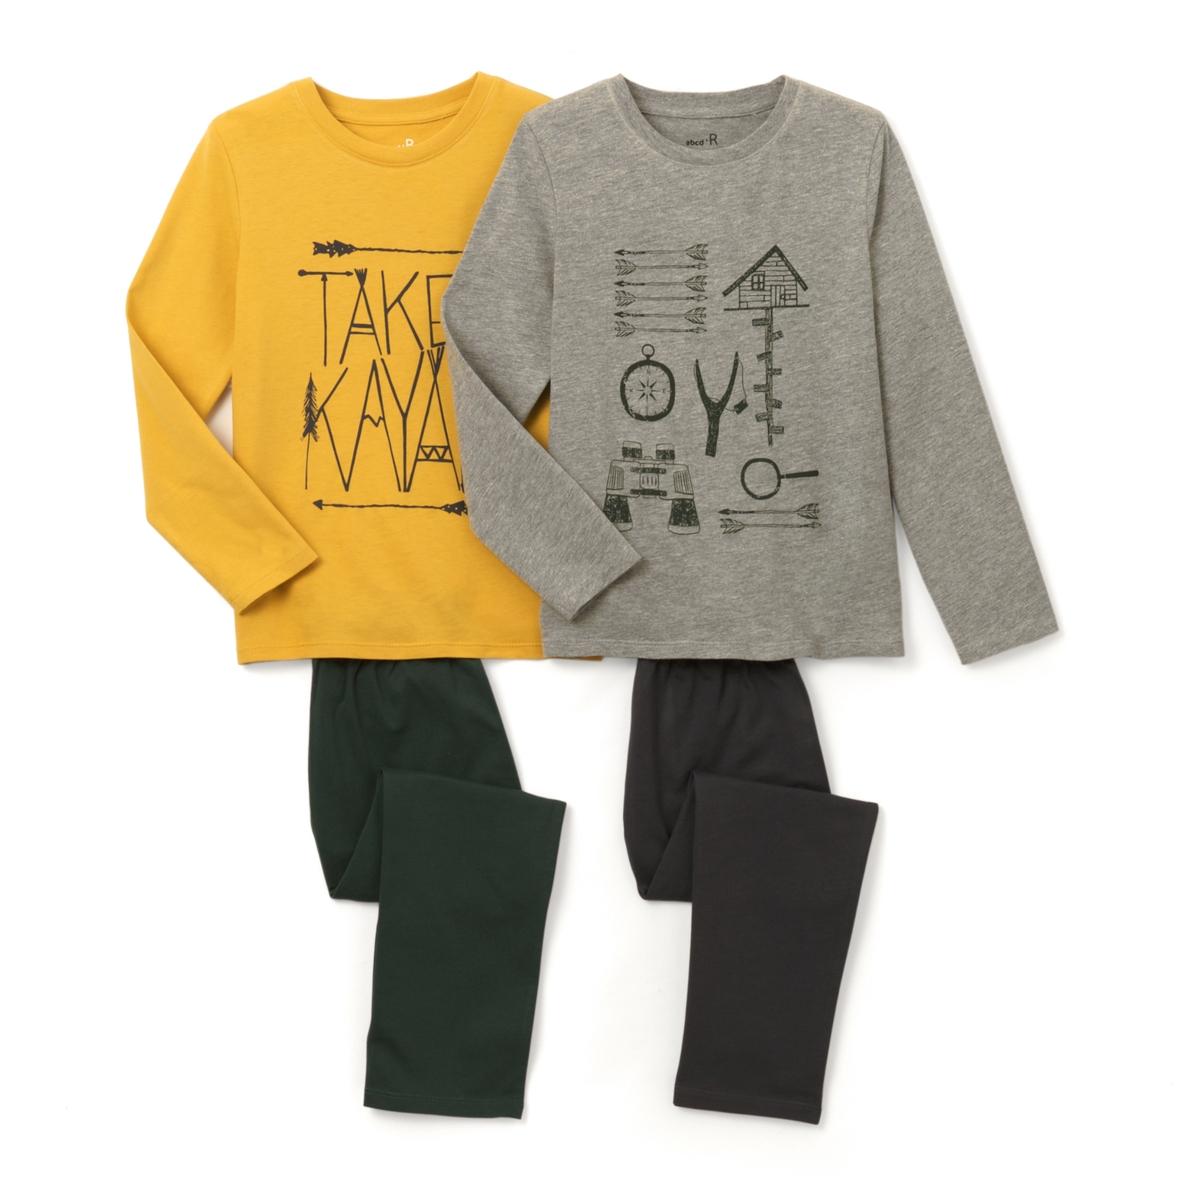 2 пижамы с принтом 2-12 летПижама: футболка с длинными рукавами и брюки. В комплекте 2 пижамы : Футболки с разными рисунками  . Брюки однотонные с эластичными поясами.Состав и описание :    Материал       Джерси 100% хлопок  (кроме цвета серый меланж: преимущественно из хлопка).  Уход: : - Машинная стирка при 30°C с вещами схожих цветов. Стирать, сушить и гладить с изнаночной стороны. Машинная сушка в умеренном режиме. Гладить на низкой температуре.<br><br>Цвет: Желтый + серый<br>Размер: 2 года - 86 см.10 лет - 138 см.8 лет - 126 см.6 лет - 114 см